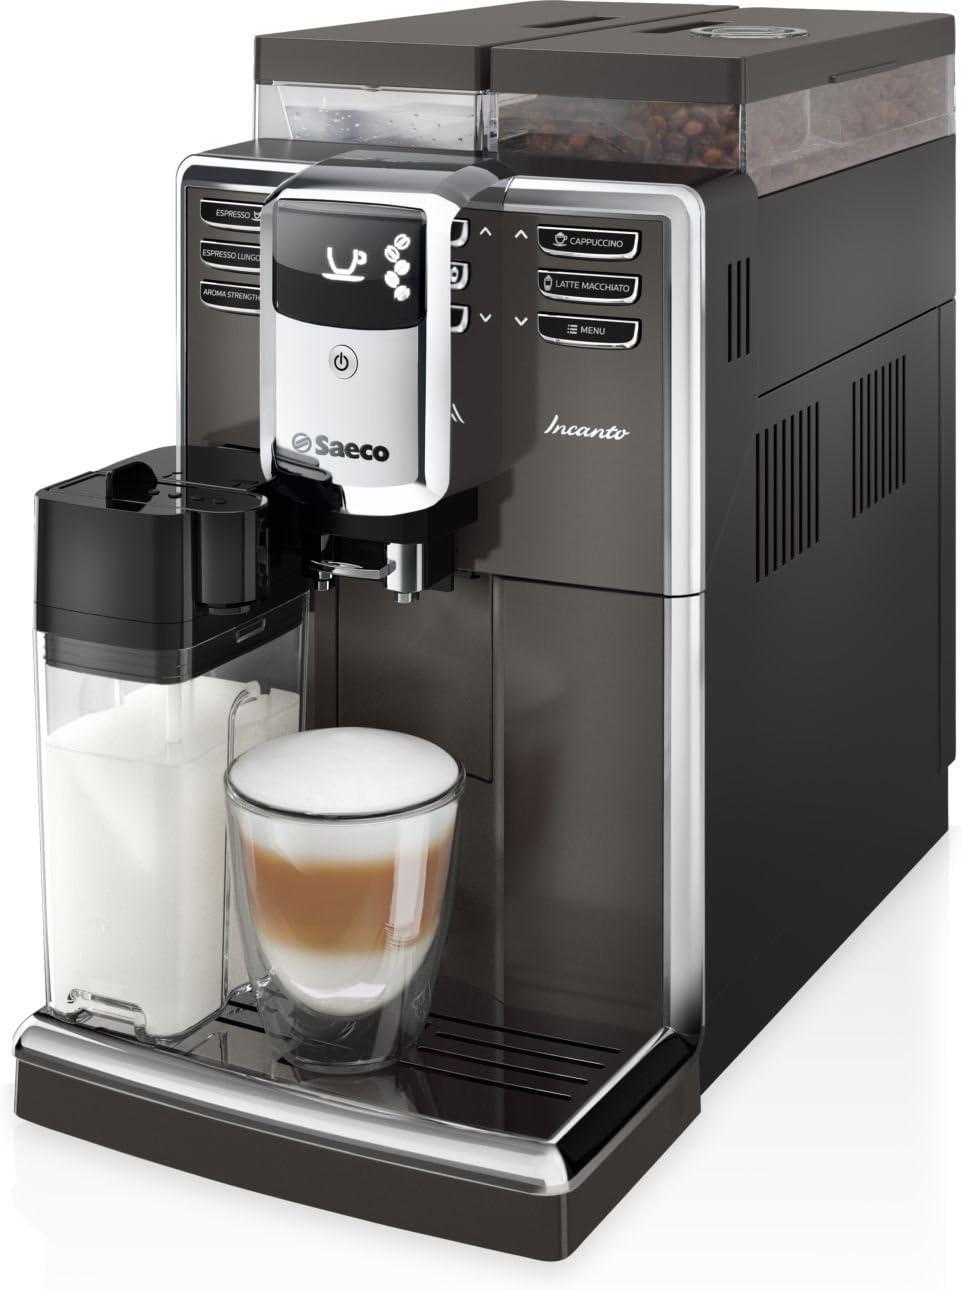 Saeco Incanto HD8919/59 - Cafetera (Independiente, Máquina espresso, 2,5 L, Molinillo integrado, 1850 W, Negro, Metálico): Amazon.es: Hogar